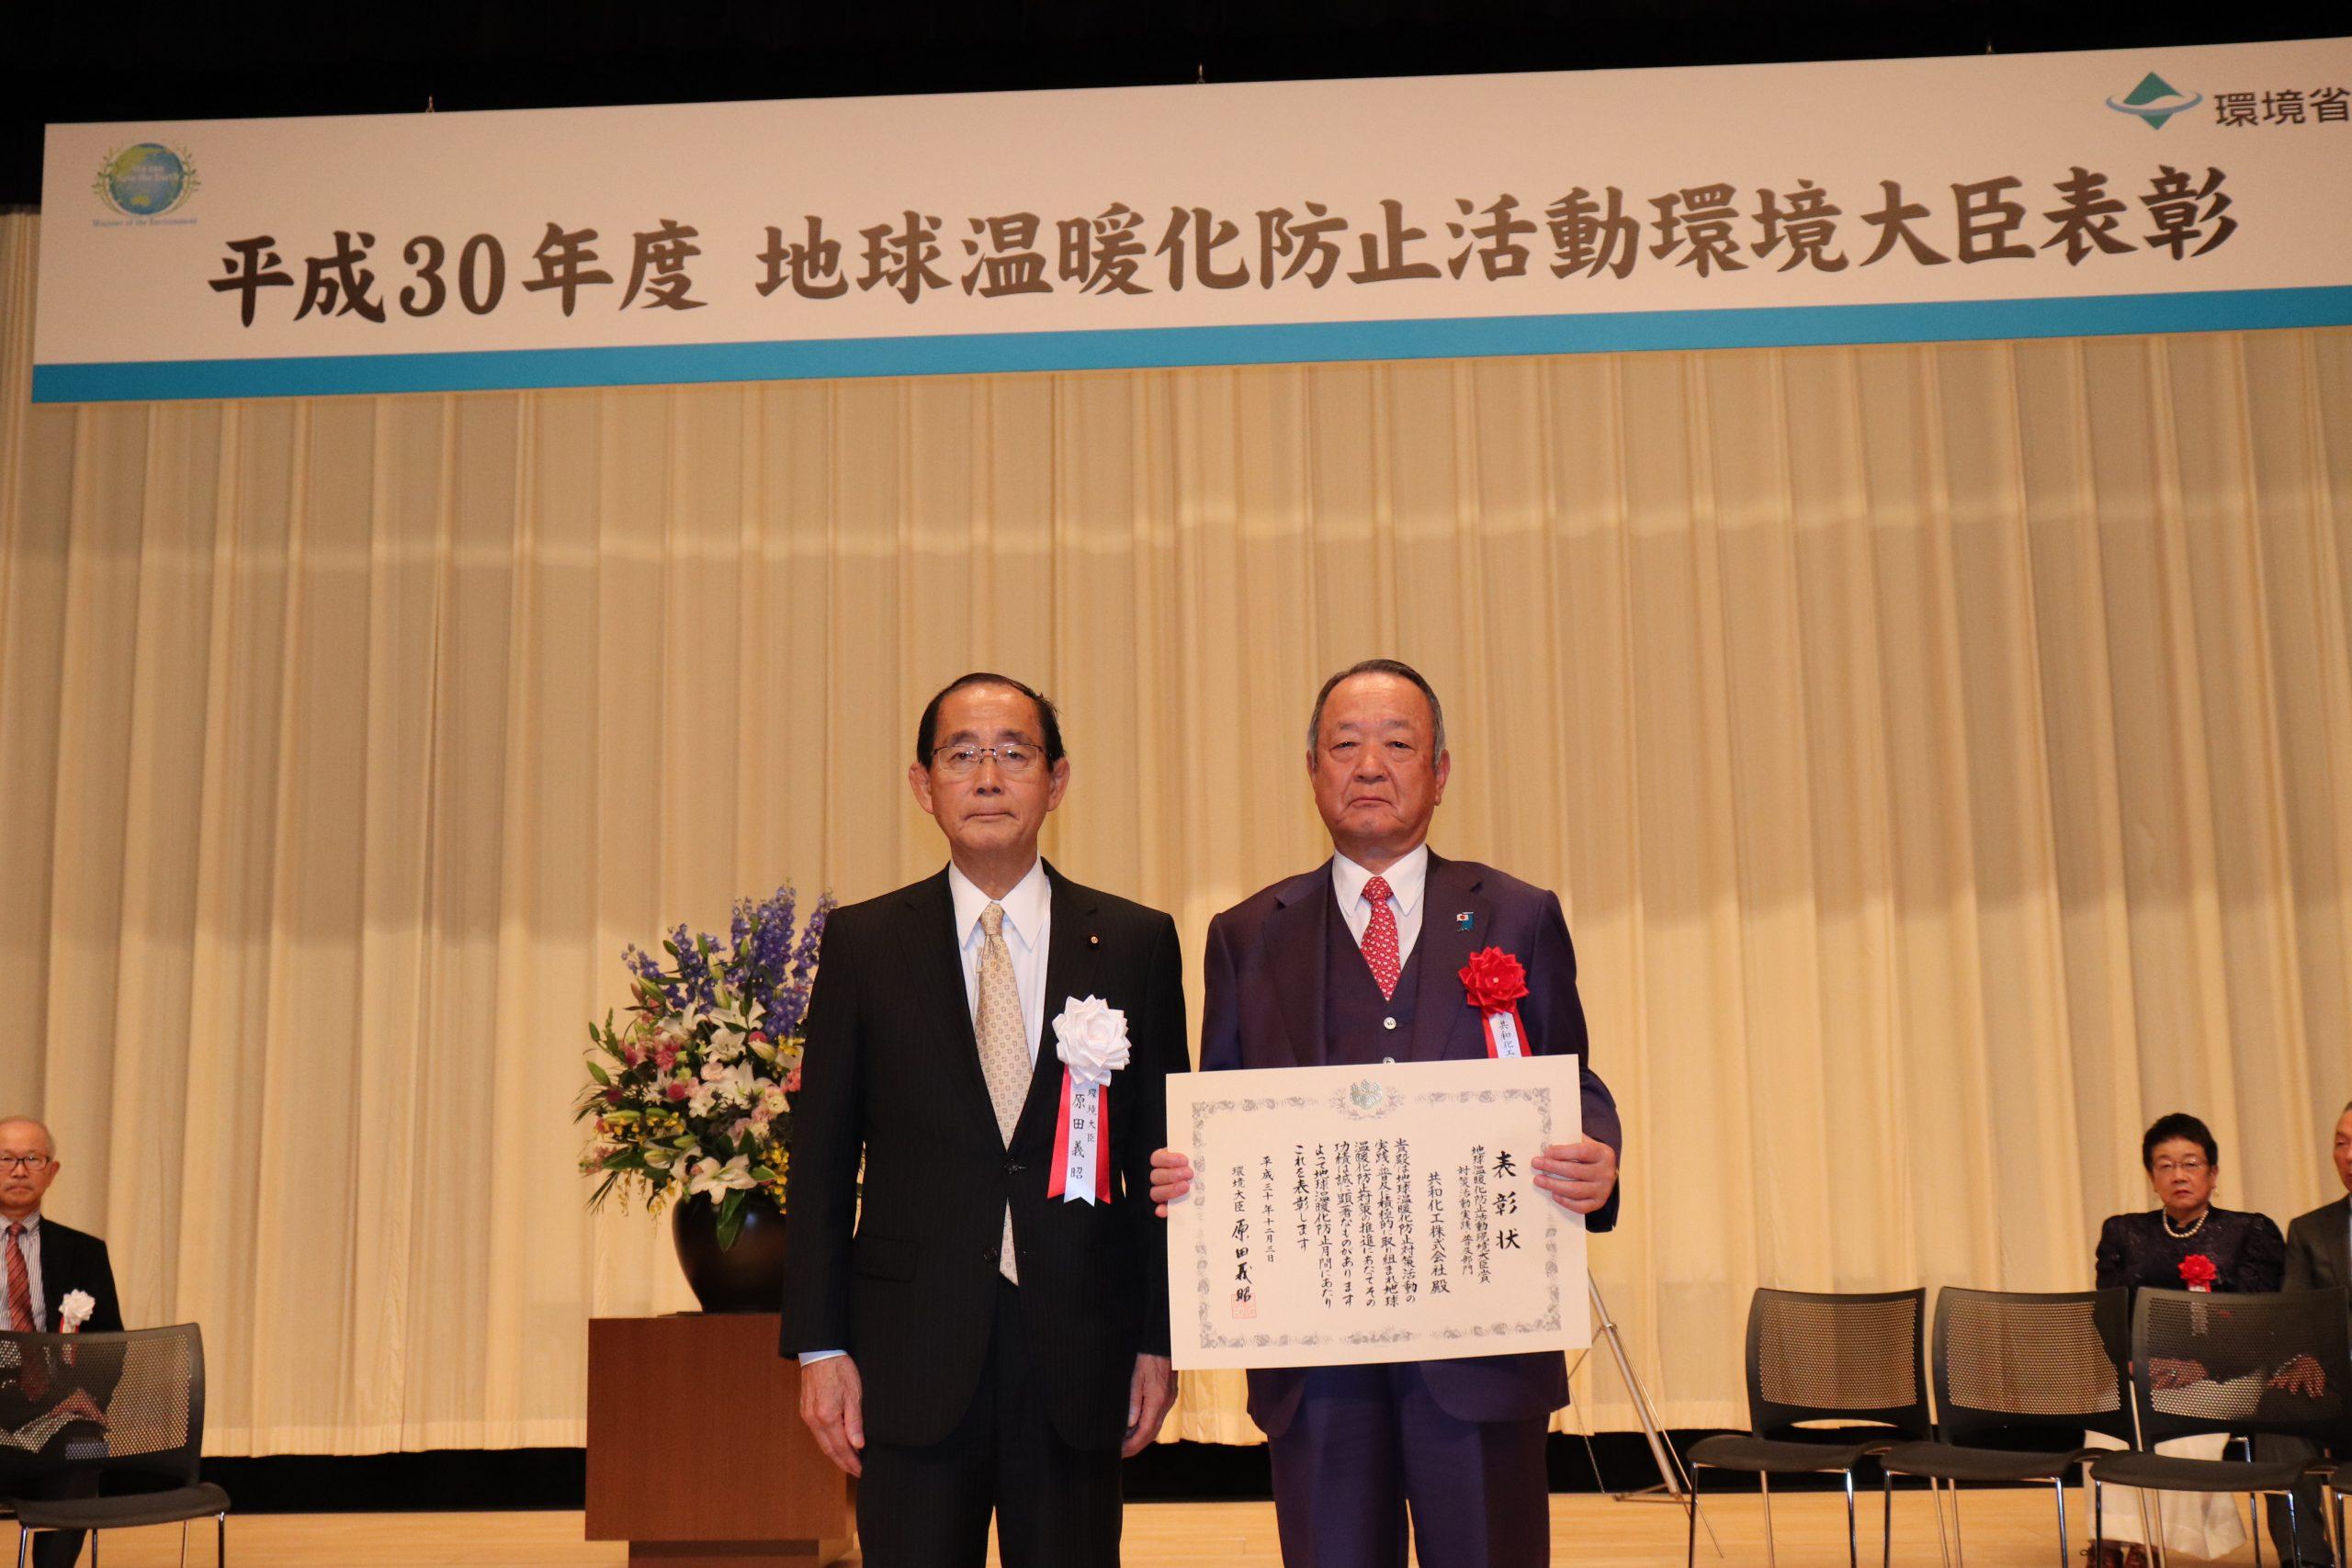 『平成30年度地球温暖化防止活動環境大臣表彰(対策活動実践・普及部門)』受賞